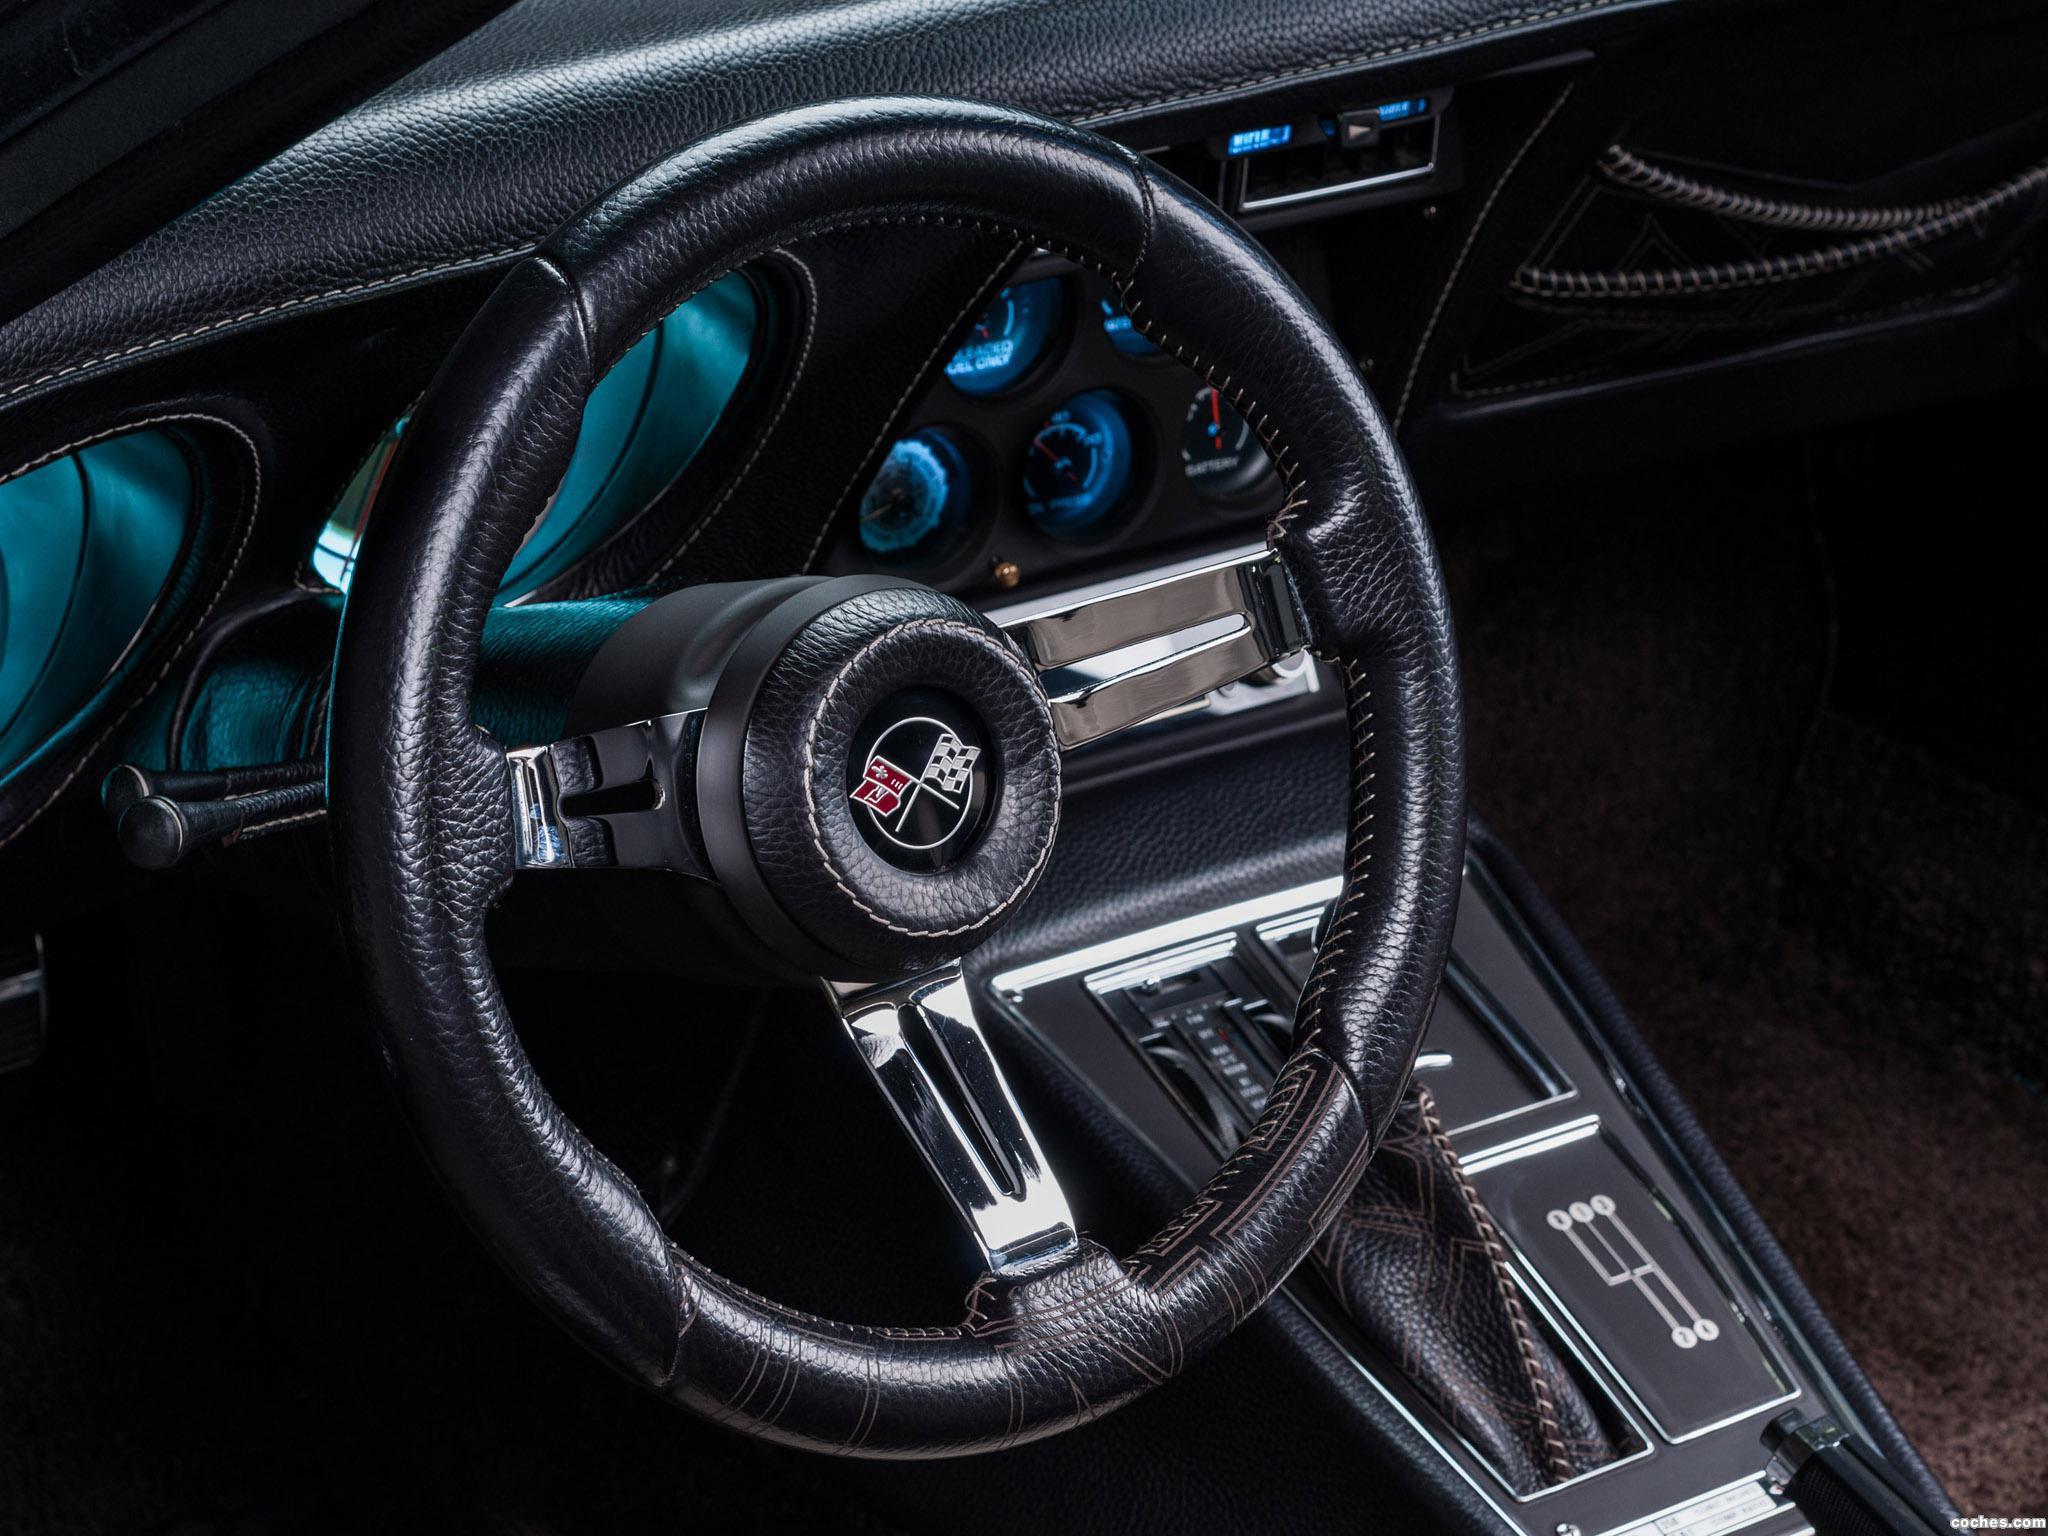 Foto 9 de Chevrolet Vilner Corvette Stingray 1976 C3 2013